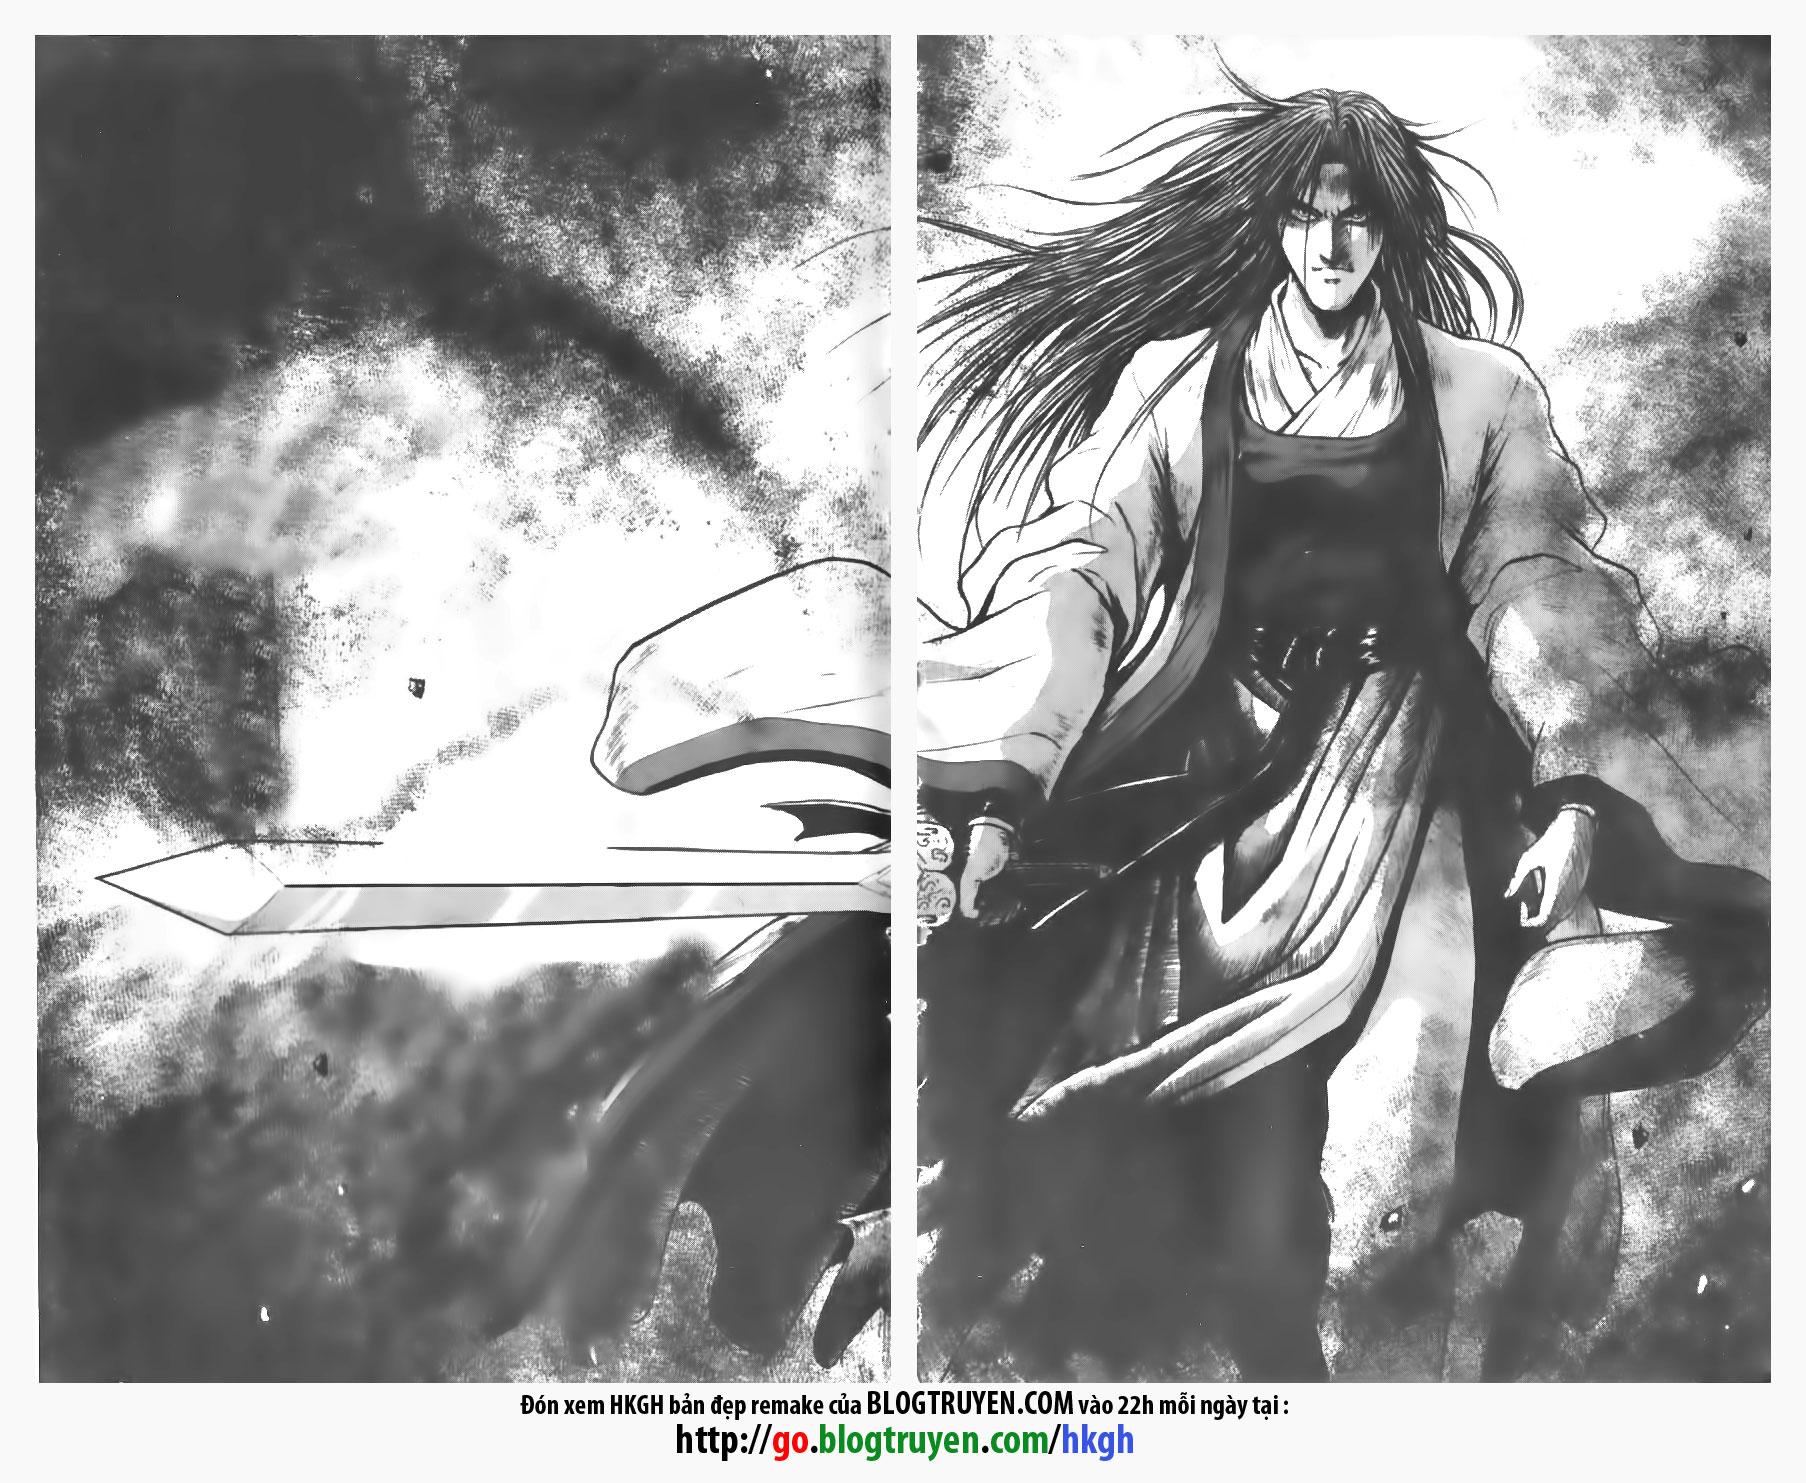 xem truyen moi - Hiệp Khách Giang Hồ Vol14 - Chap 095 - Remake